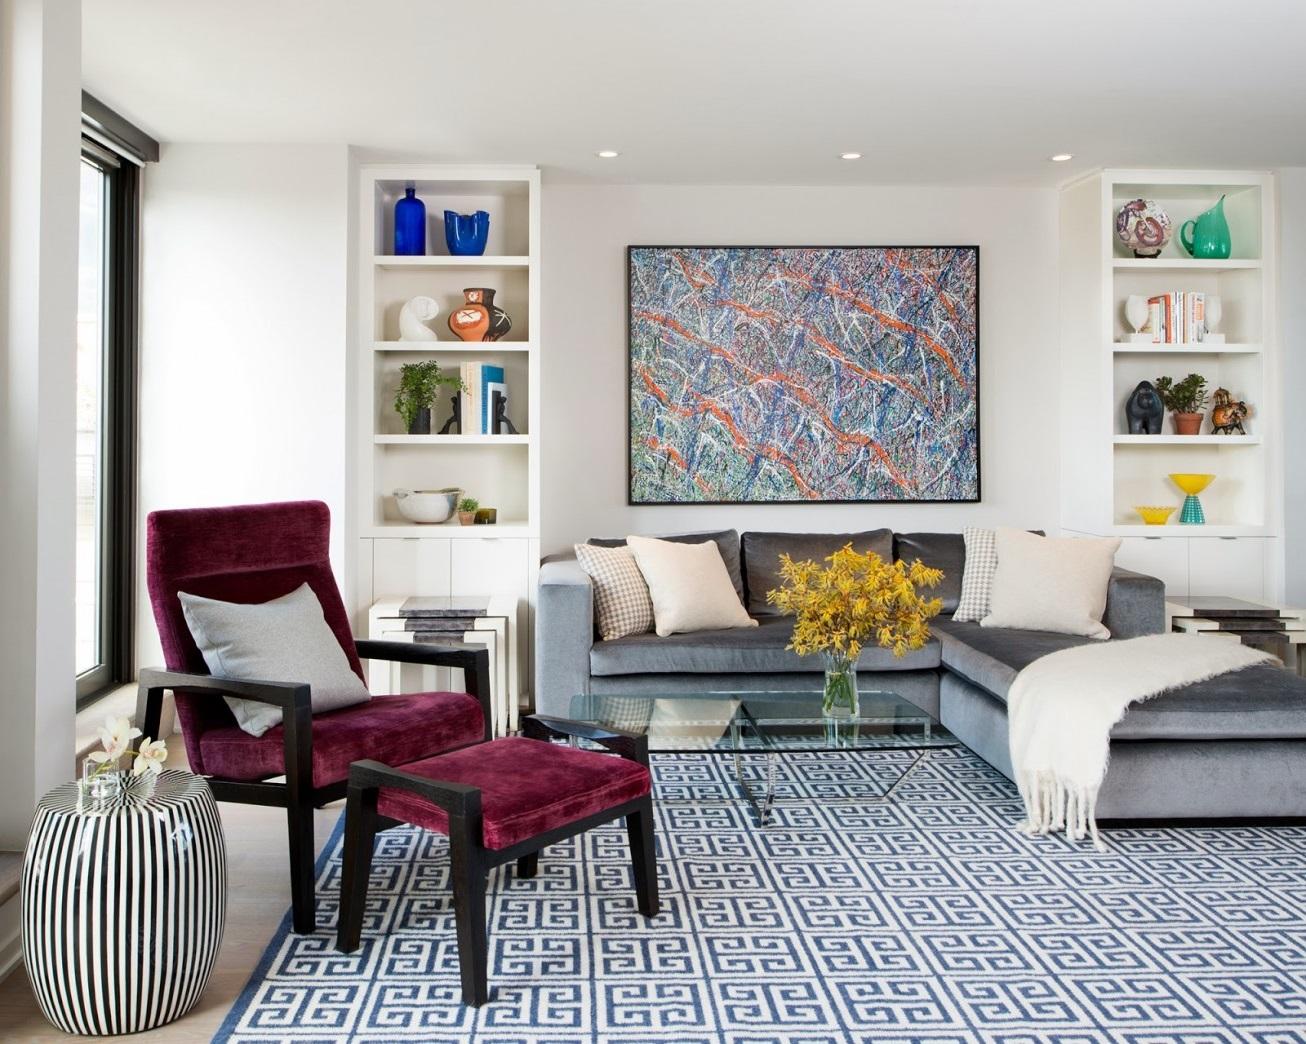 Ideas decoracion alfombras 19 - Decorar con alfombras ...